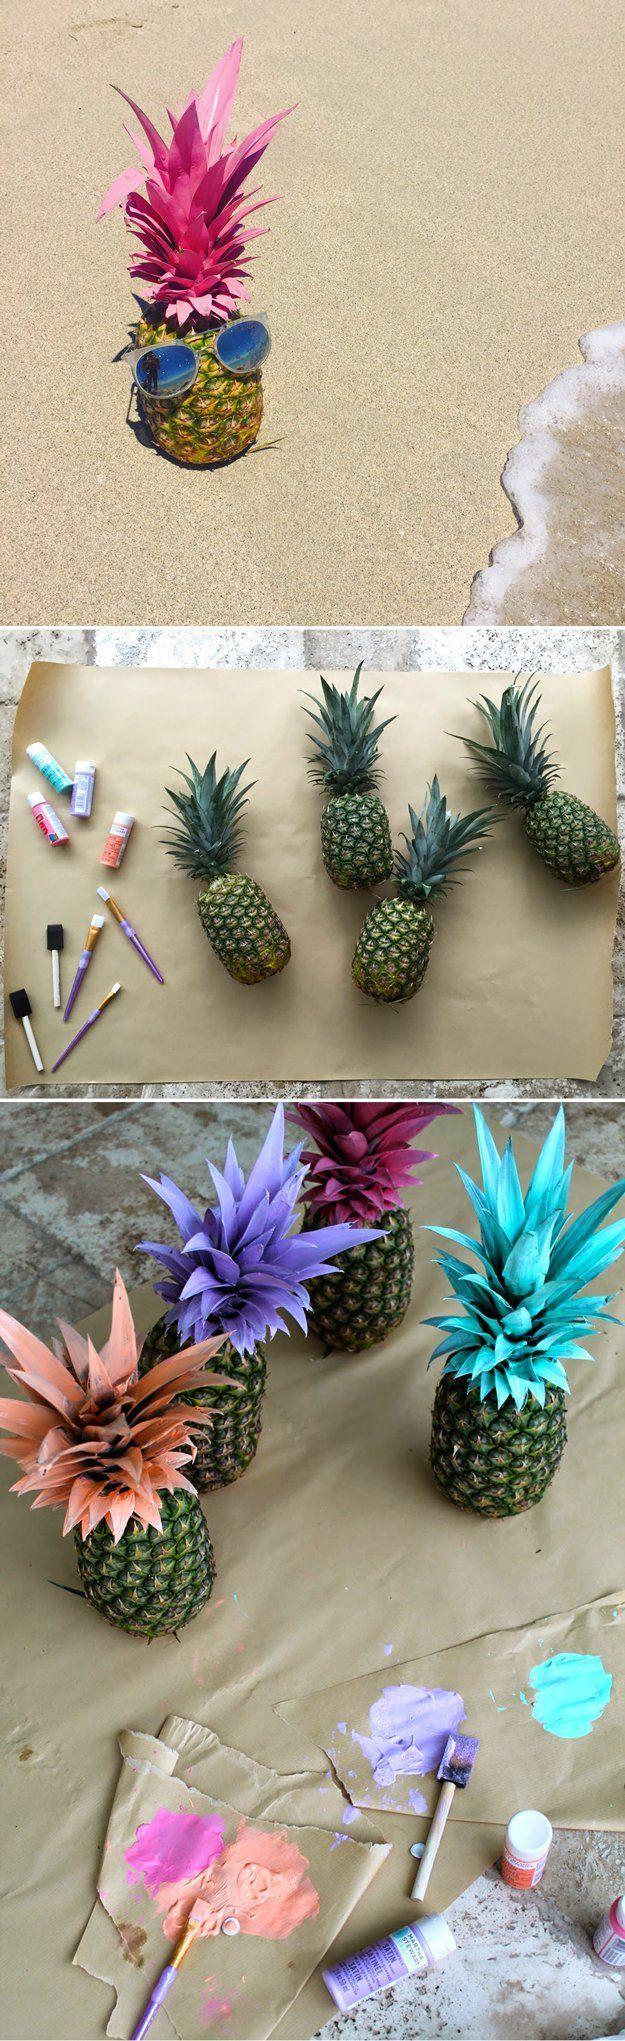 Usar apenas a coroa do abacaxi pintada no vaso